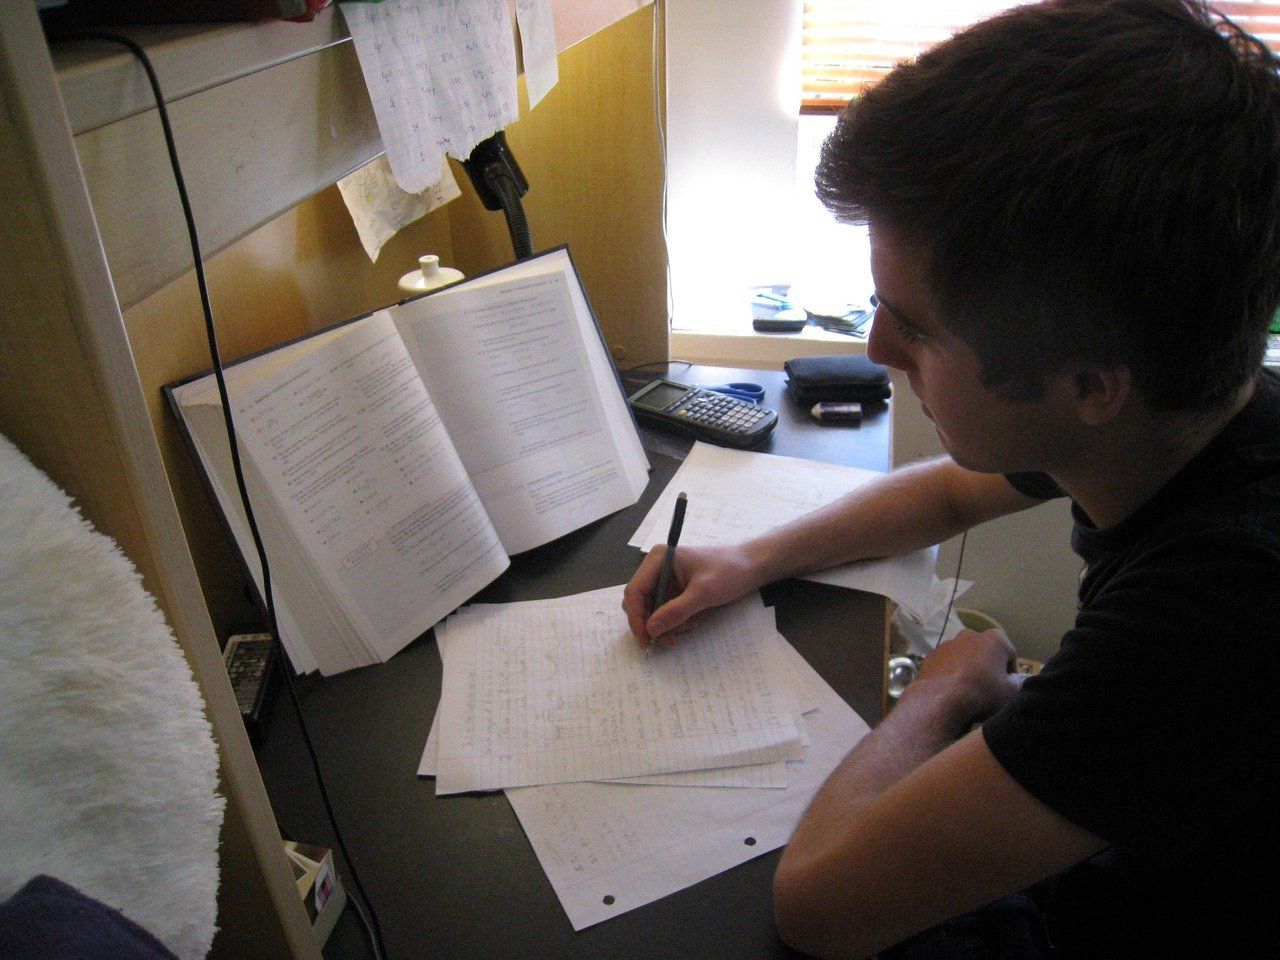 כתיבת עבודה סמינריונית